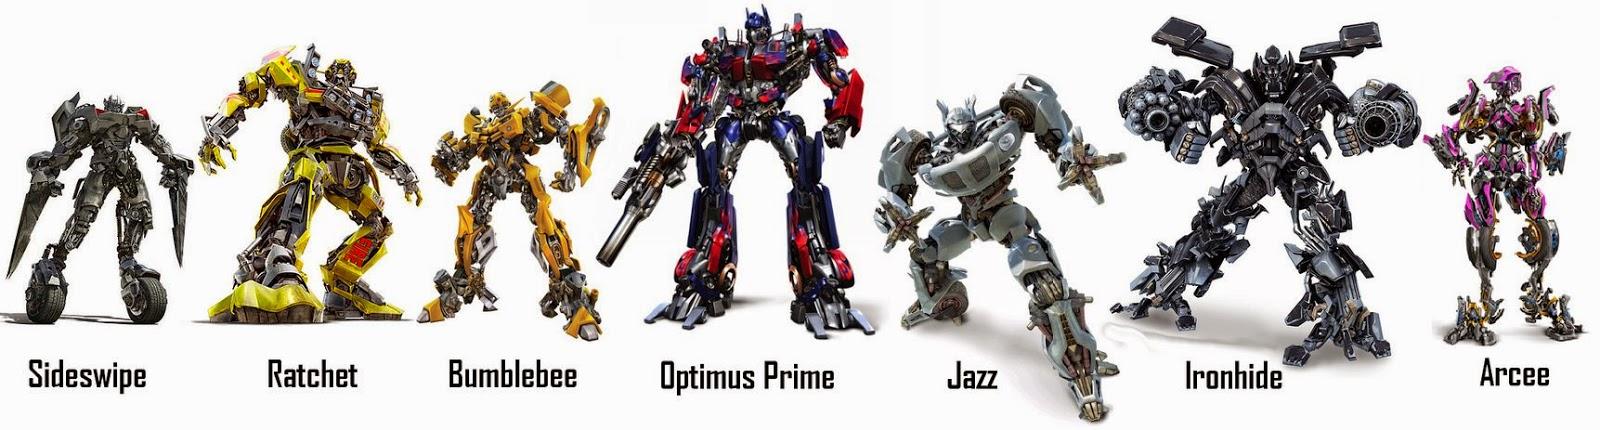 Фото героев трансформеры